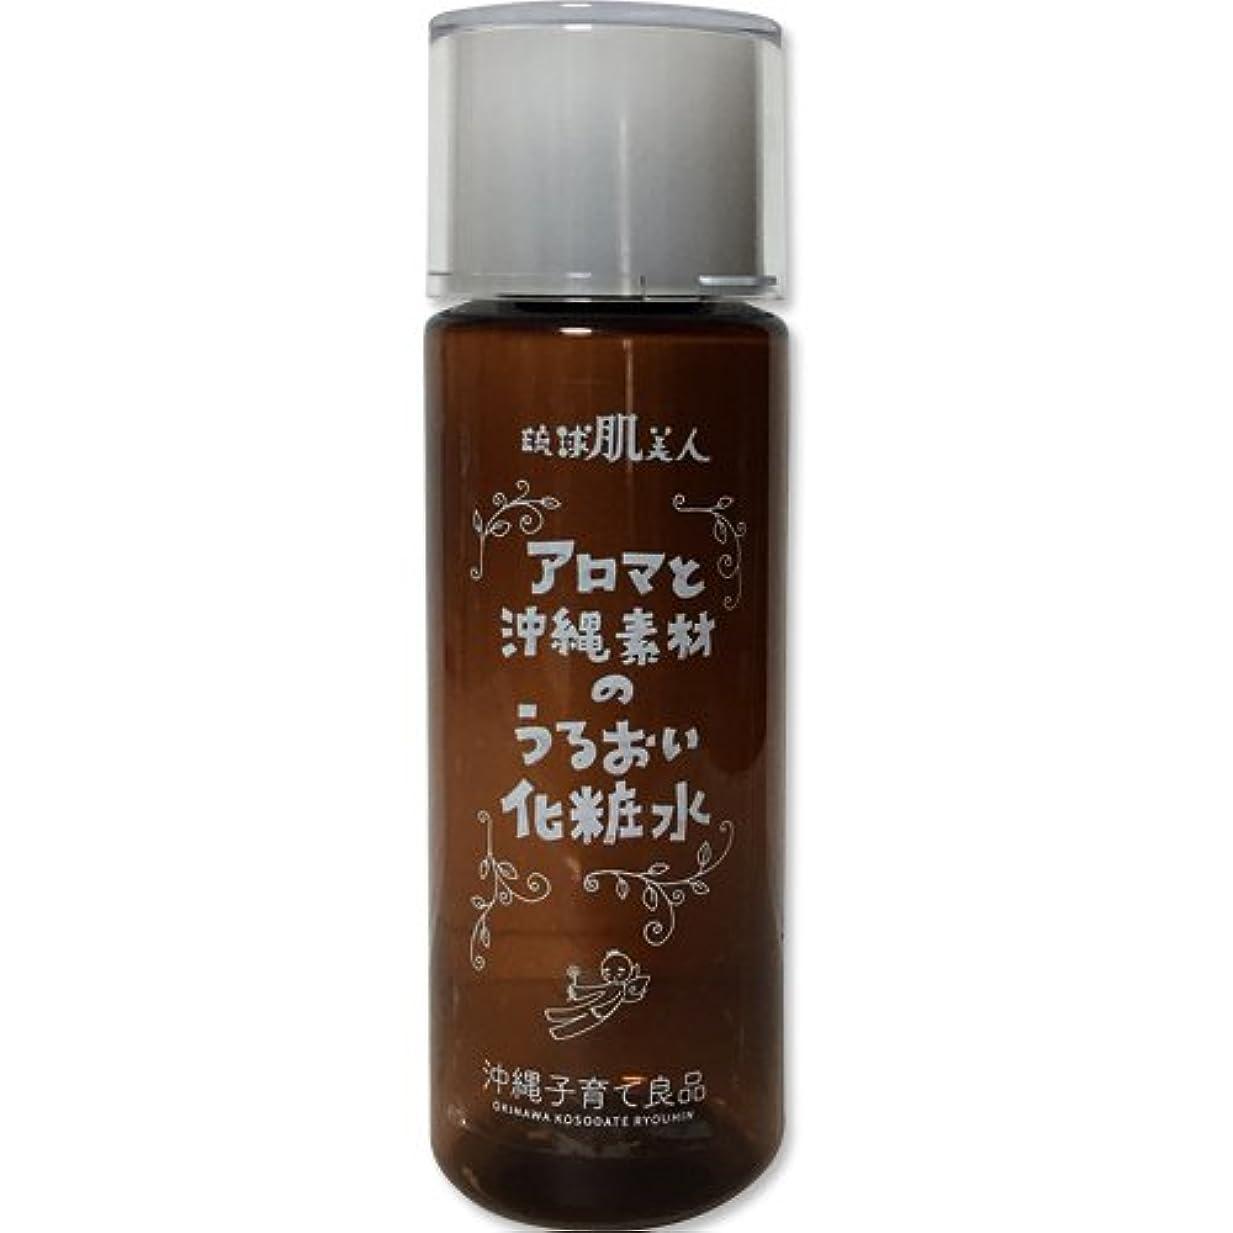 資格かける寛容保湿 化粧水 無添加 アルコールフリー アロマと沖縄素材のうるおい化粧水 120ml